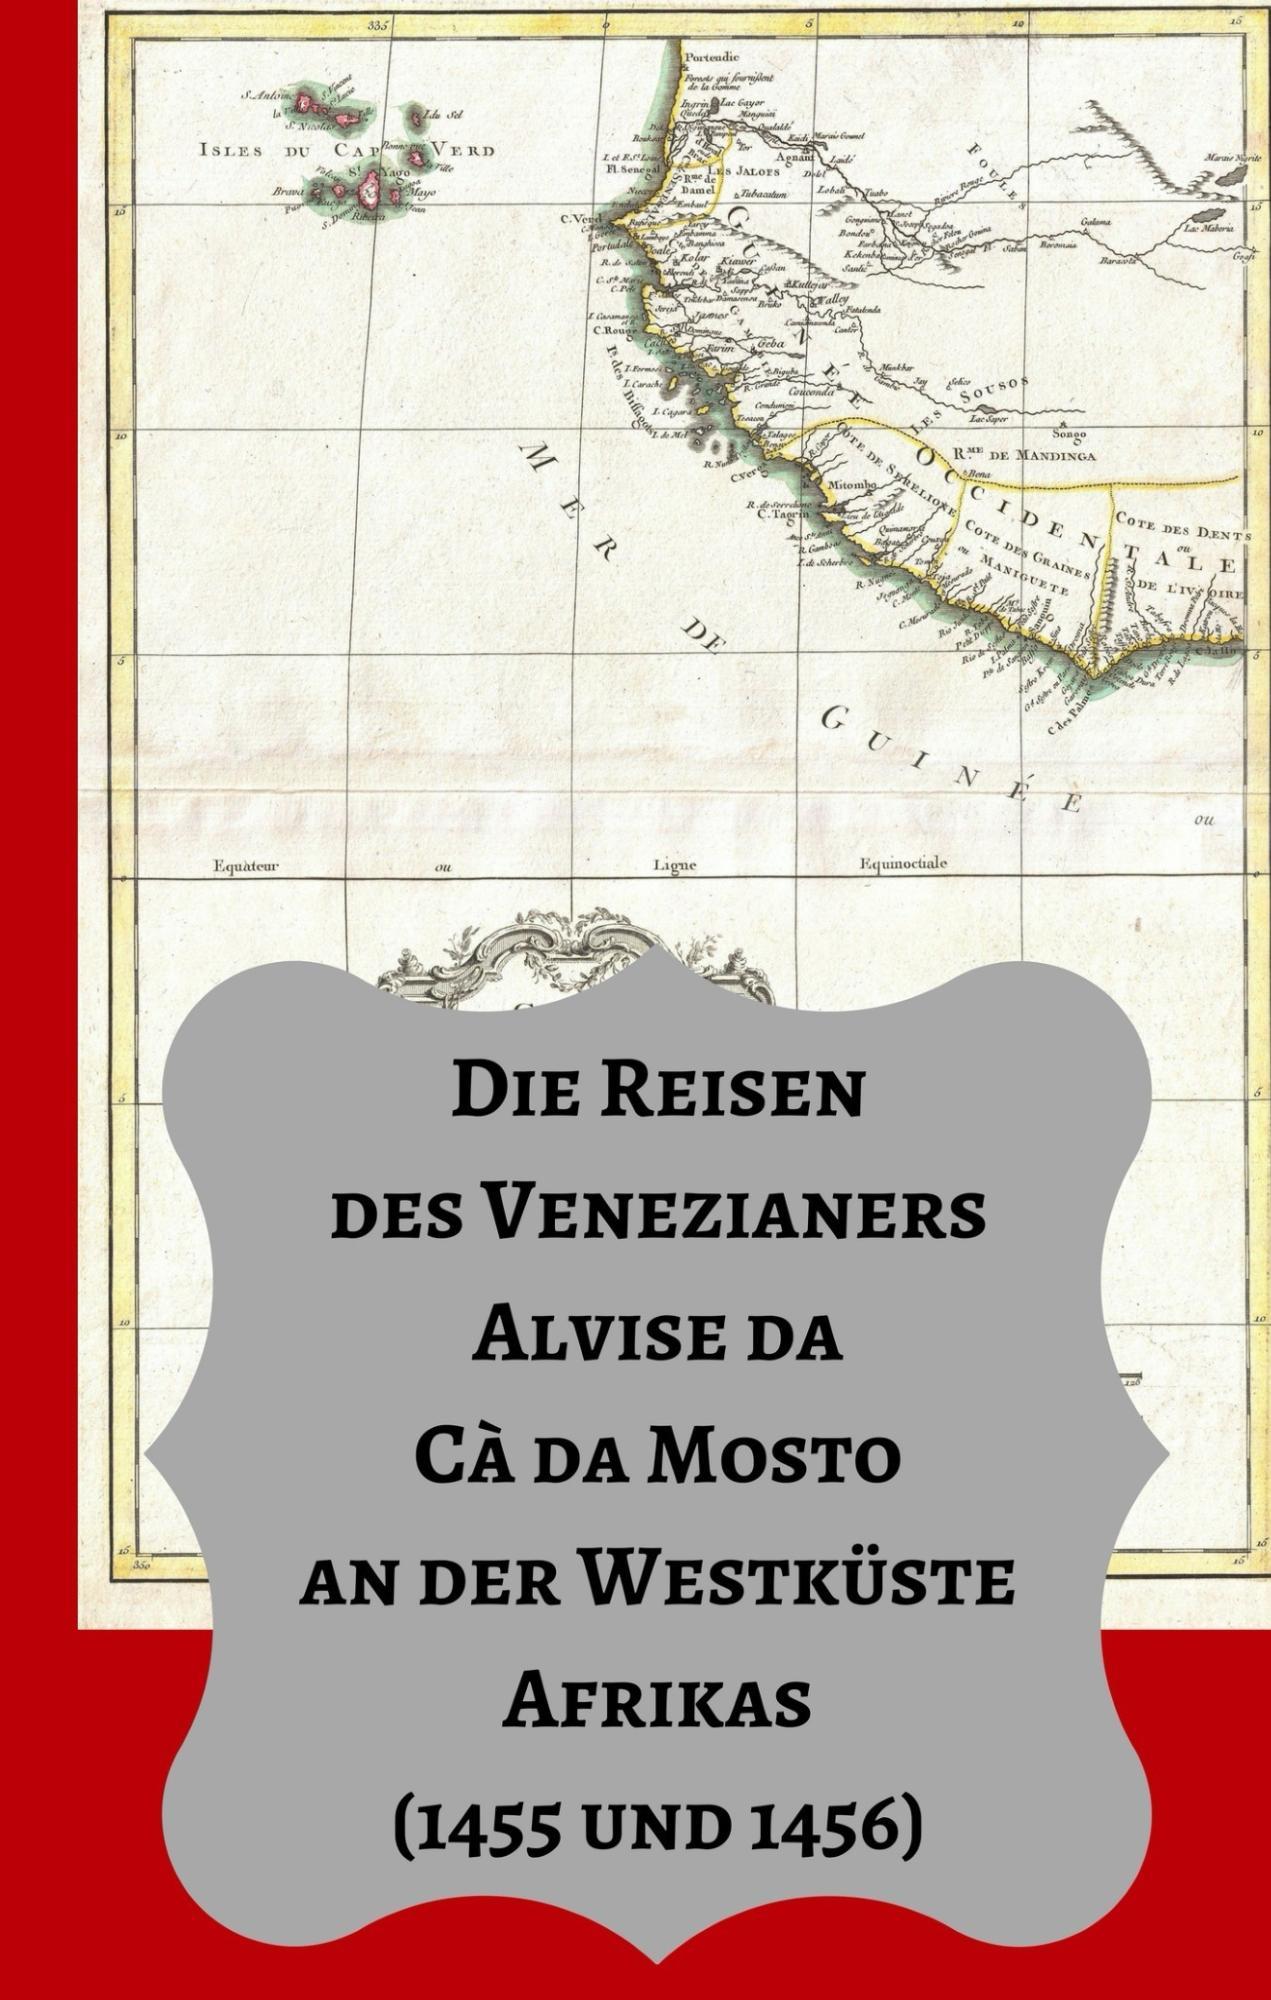 Die_Reisen_des_Venez_Cover_for_Kindle